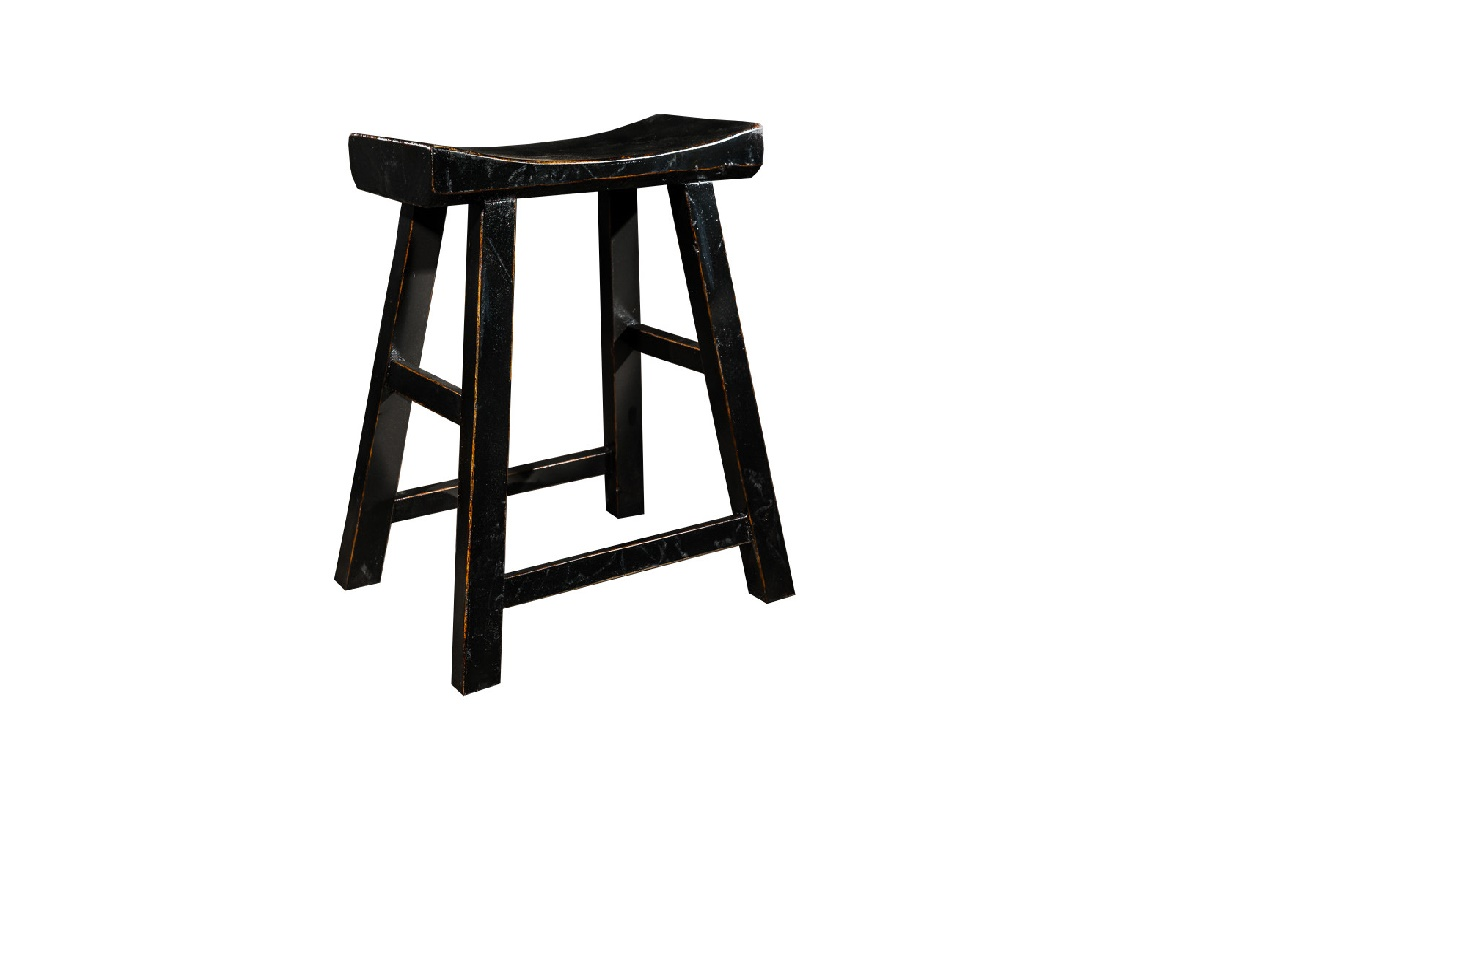 Табурет Энн ЛуТабуреты<br>&amp;quot;Энн Лу&amp;quot; ? китайский табурет, форма которого остается неизменной со времен правления династии Мин. Удобное сиденье, имеющее небольшую впадину, в комбинации с подставкой для ног обеспечивает непревзойденный комфорт. Черный цвет с золотистой отделкой смотрится очень стильно и делает табурет подходящим для колоритных этнических интерьеров.<br><br>Material: Дерево<br>Ширина см: 22<br>Высота см: 52